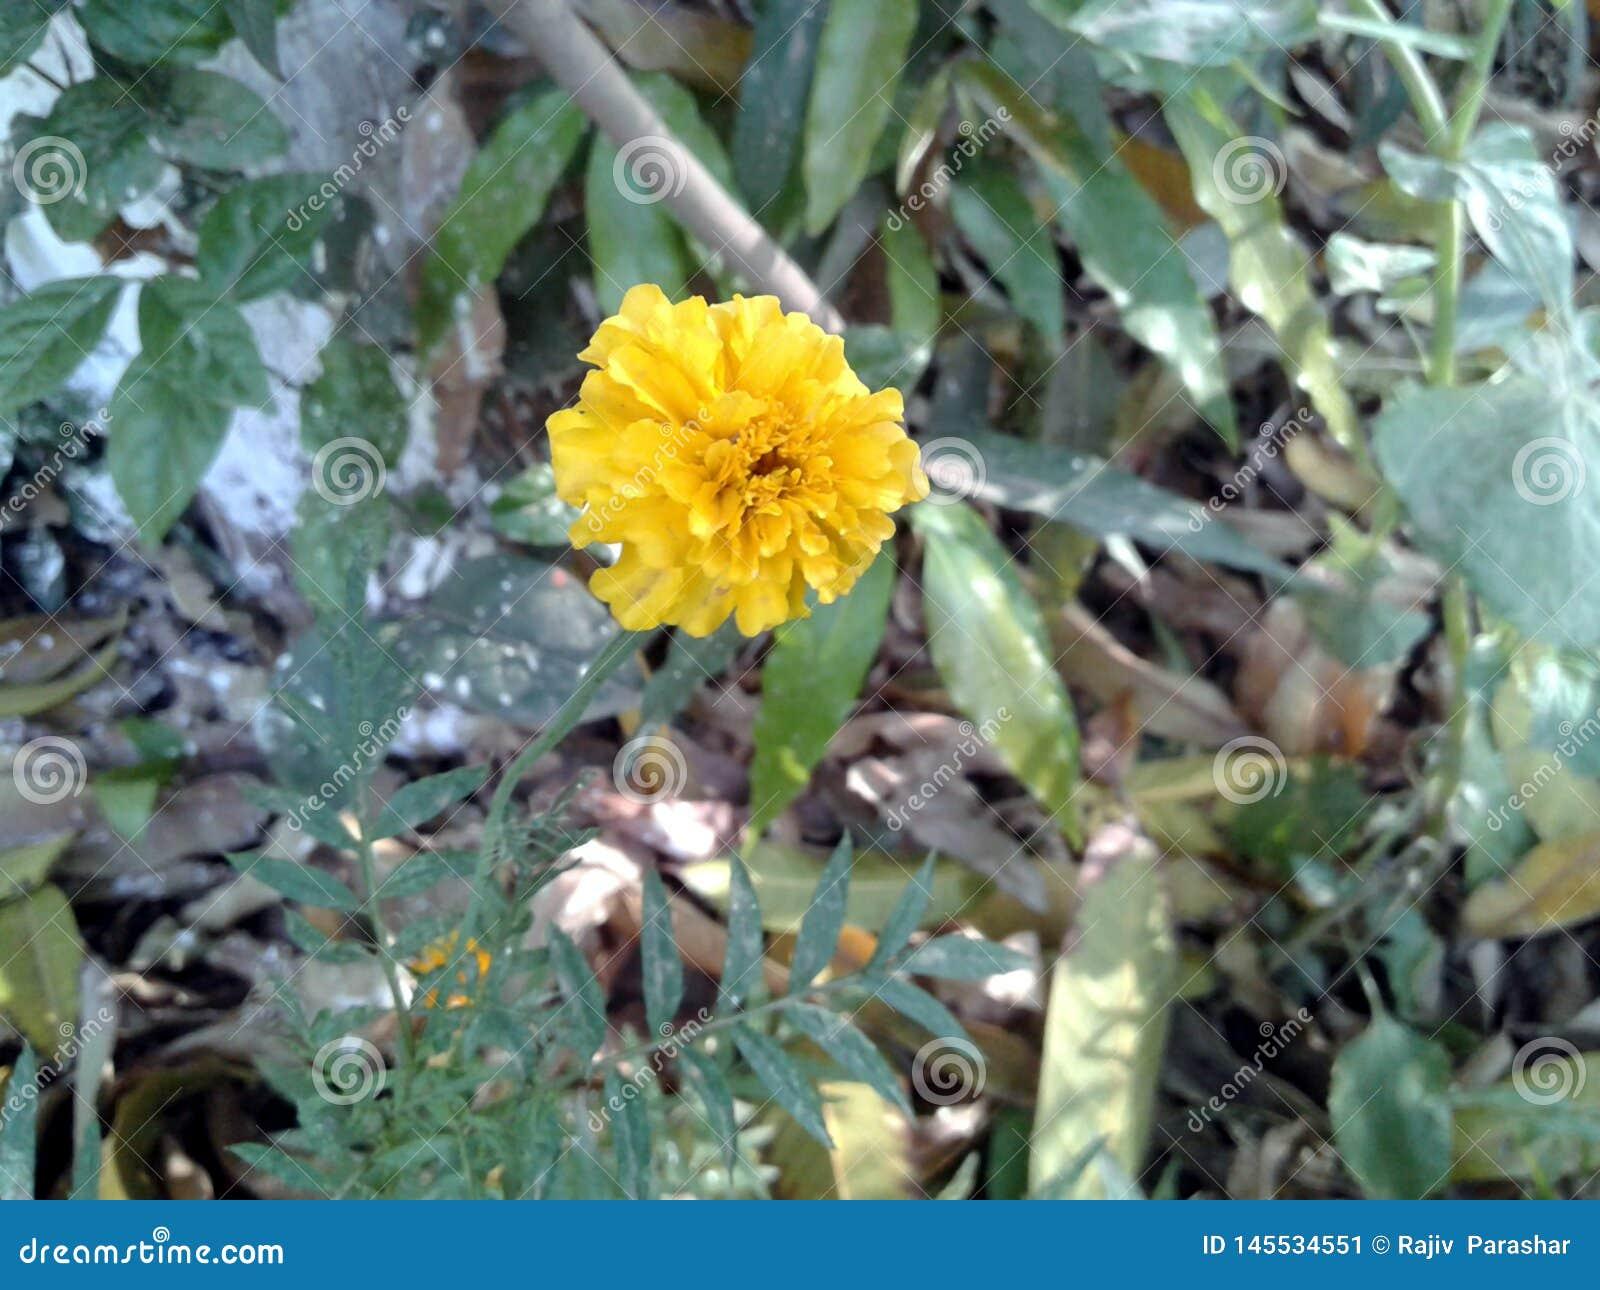 C est l image de l une fleur jaune de souci avec les feuilles vertes